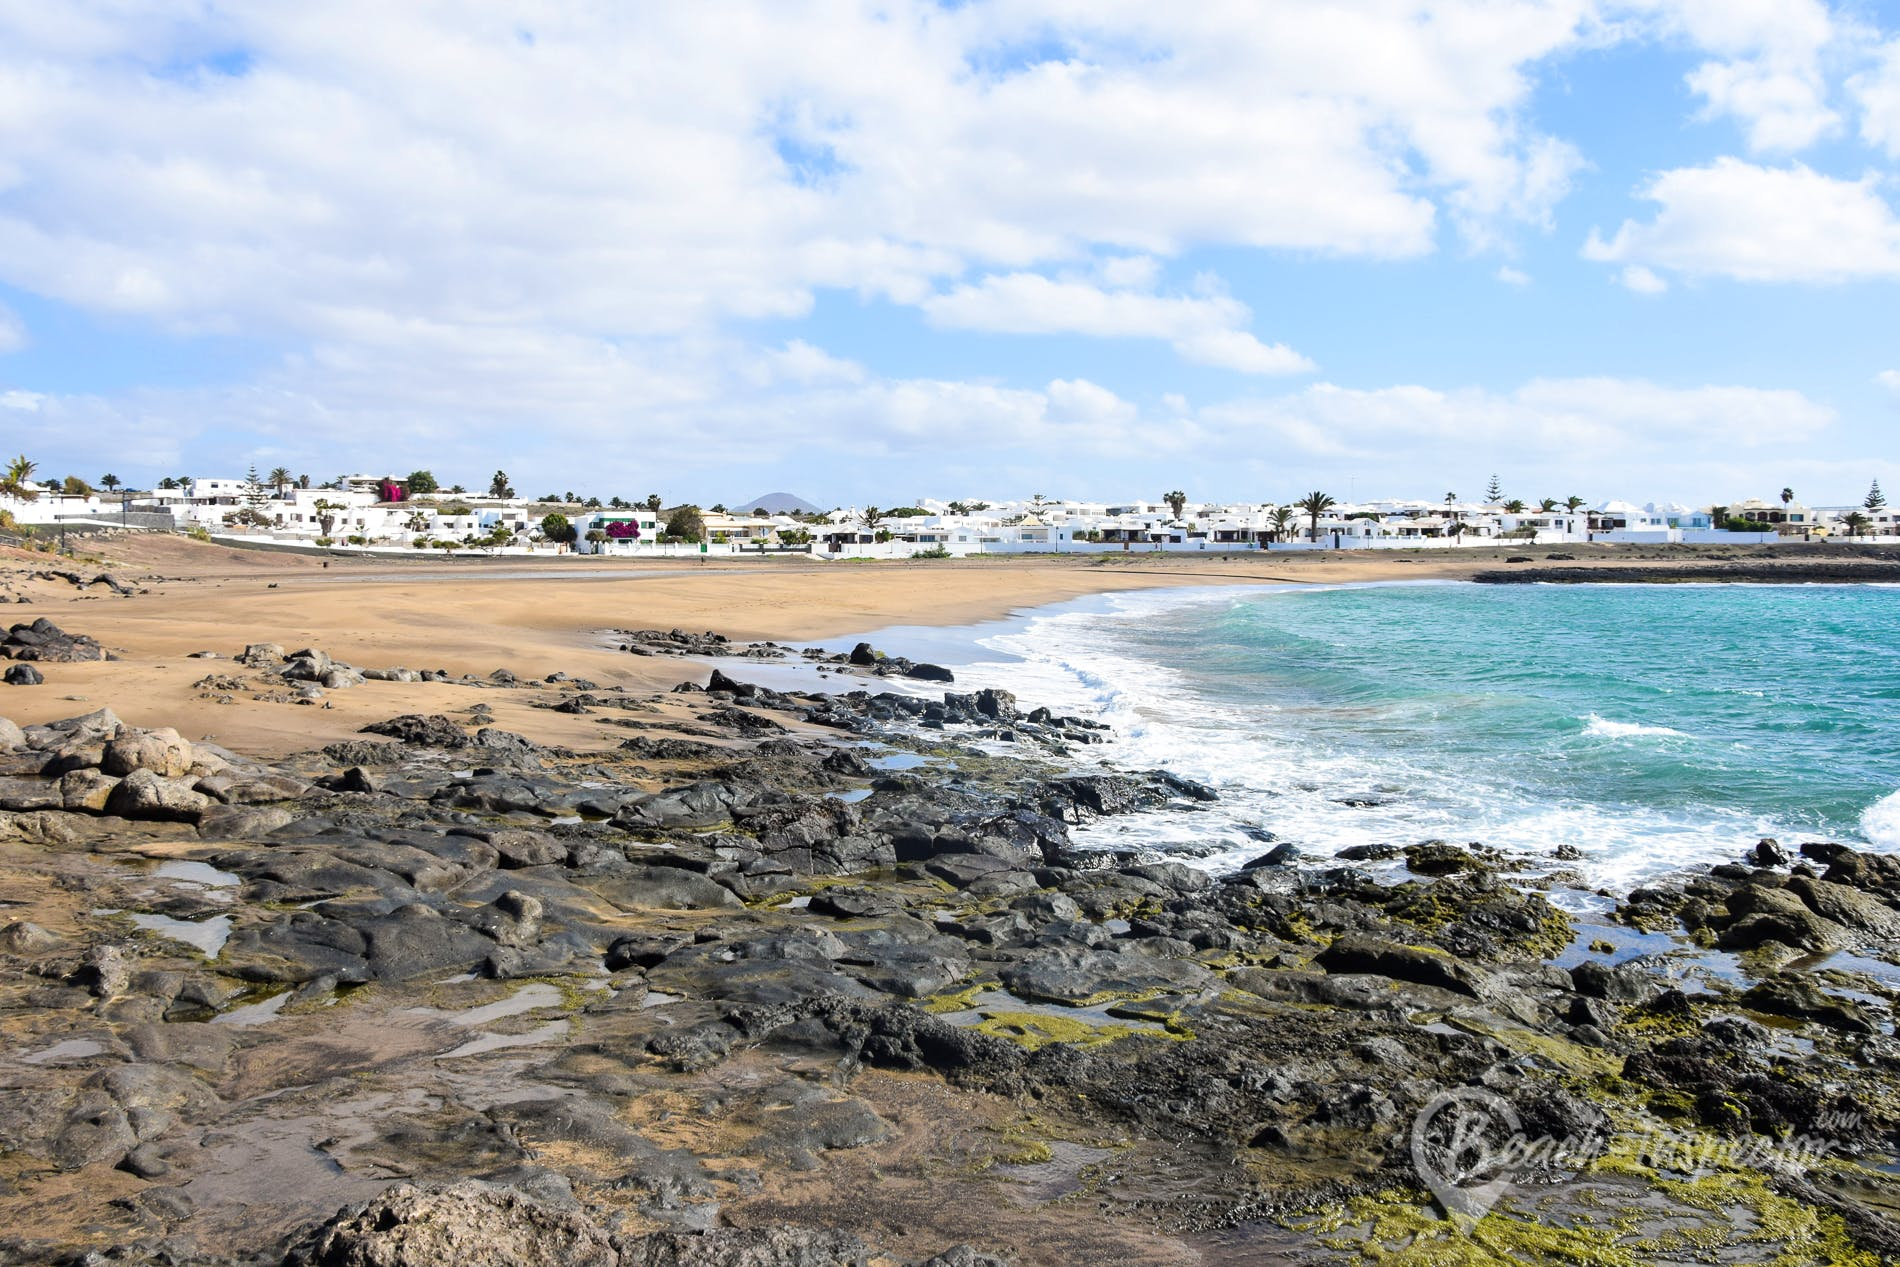 Beach Playa de la Concha, Lanzarote, Spain